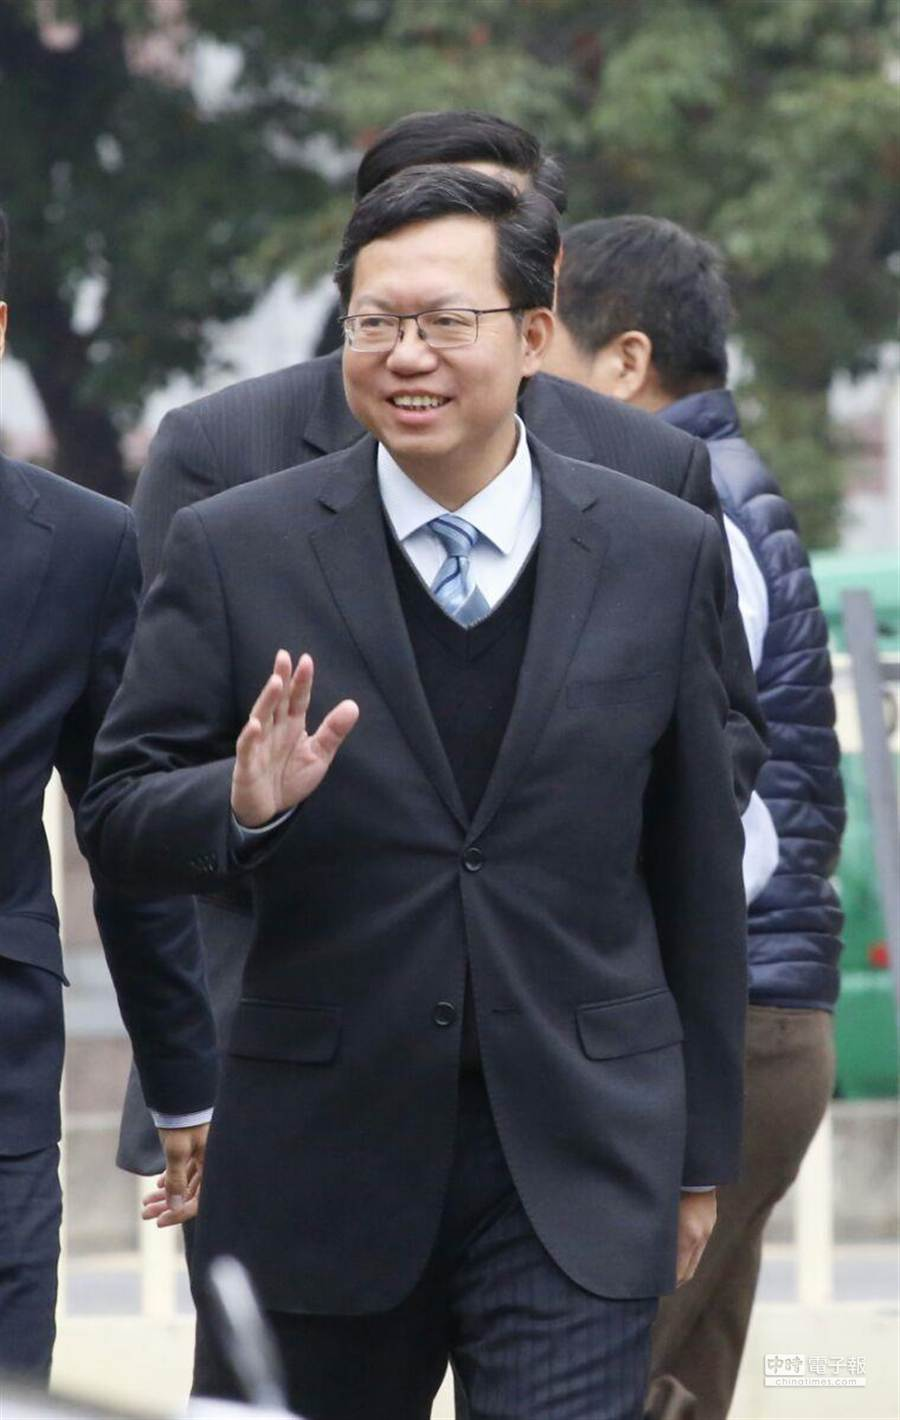 面對法官錢建榮的批評,鄭文燦回應從未說過航空城計畫要砍掉不練。(資料照/陳振堂攝)